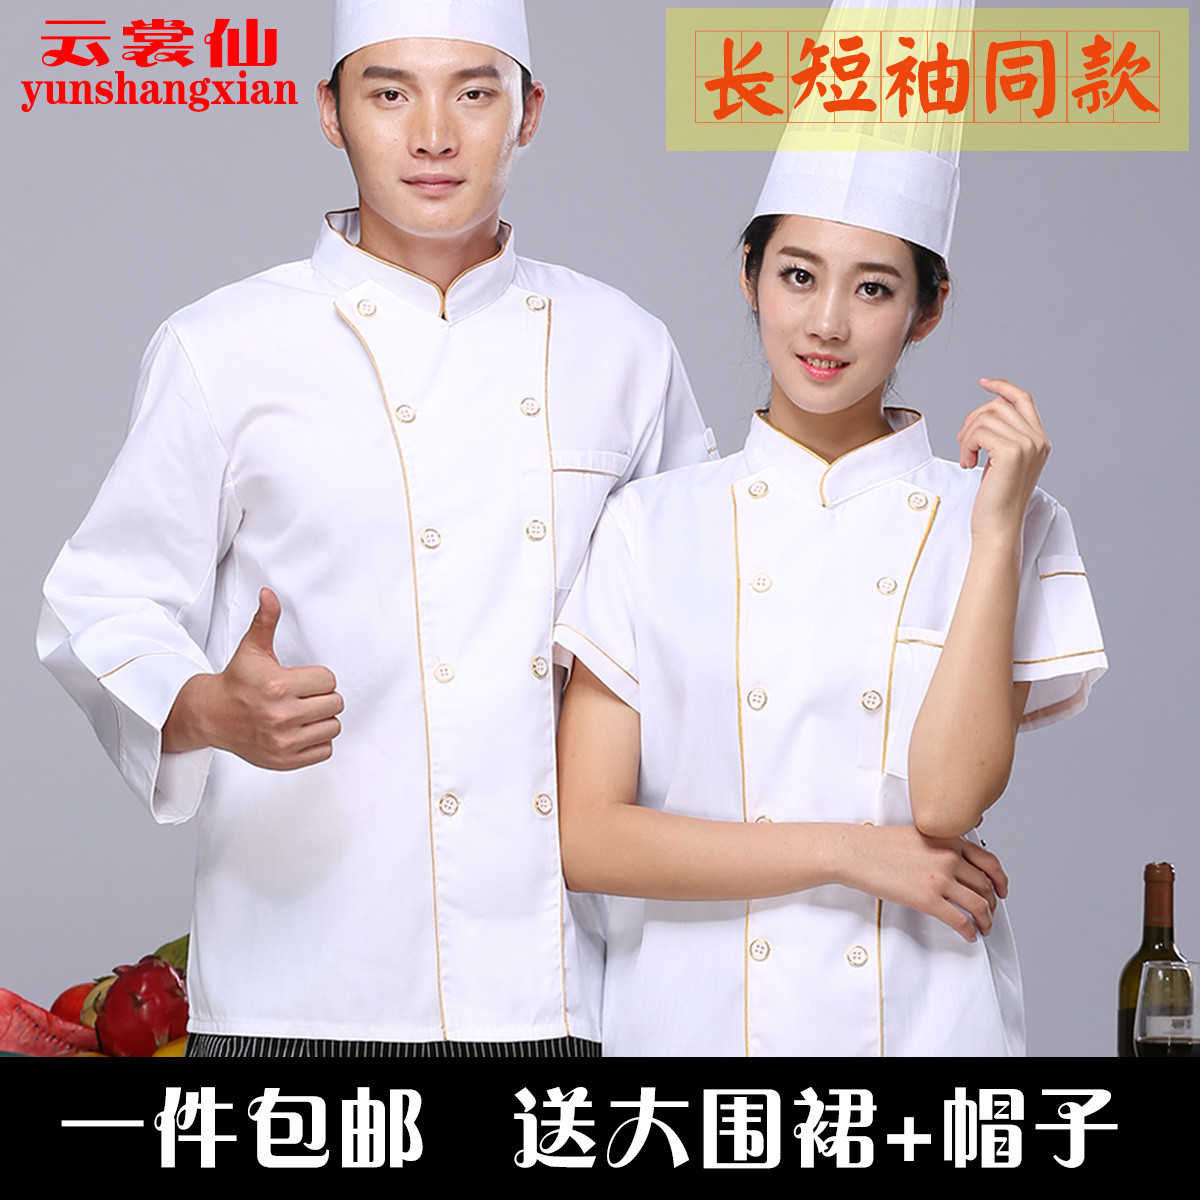 廚師服長袖 裝透氣男女短袖廚師工作服餐廳酒店飯店廚師長衣服